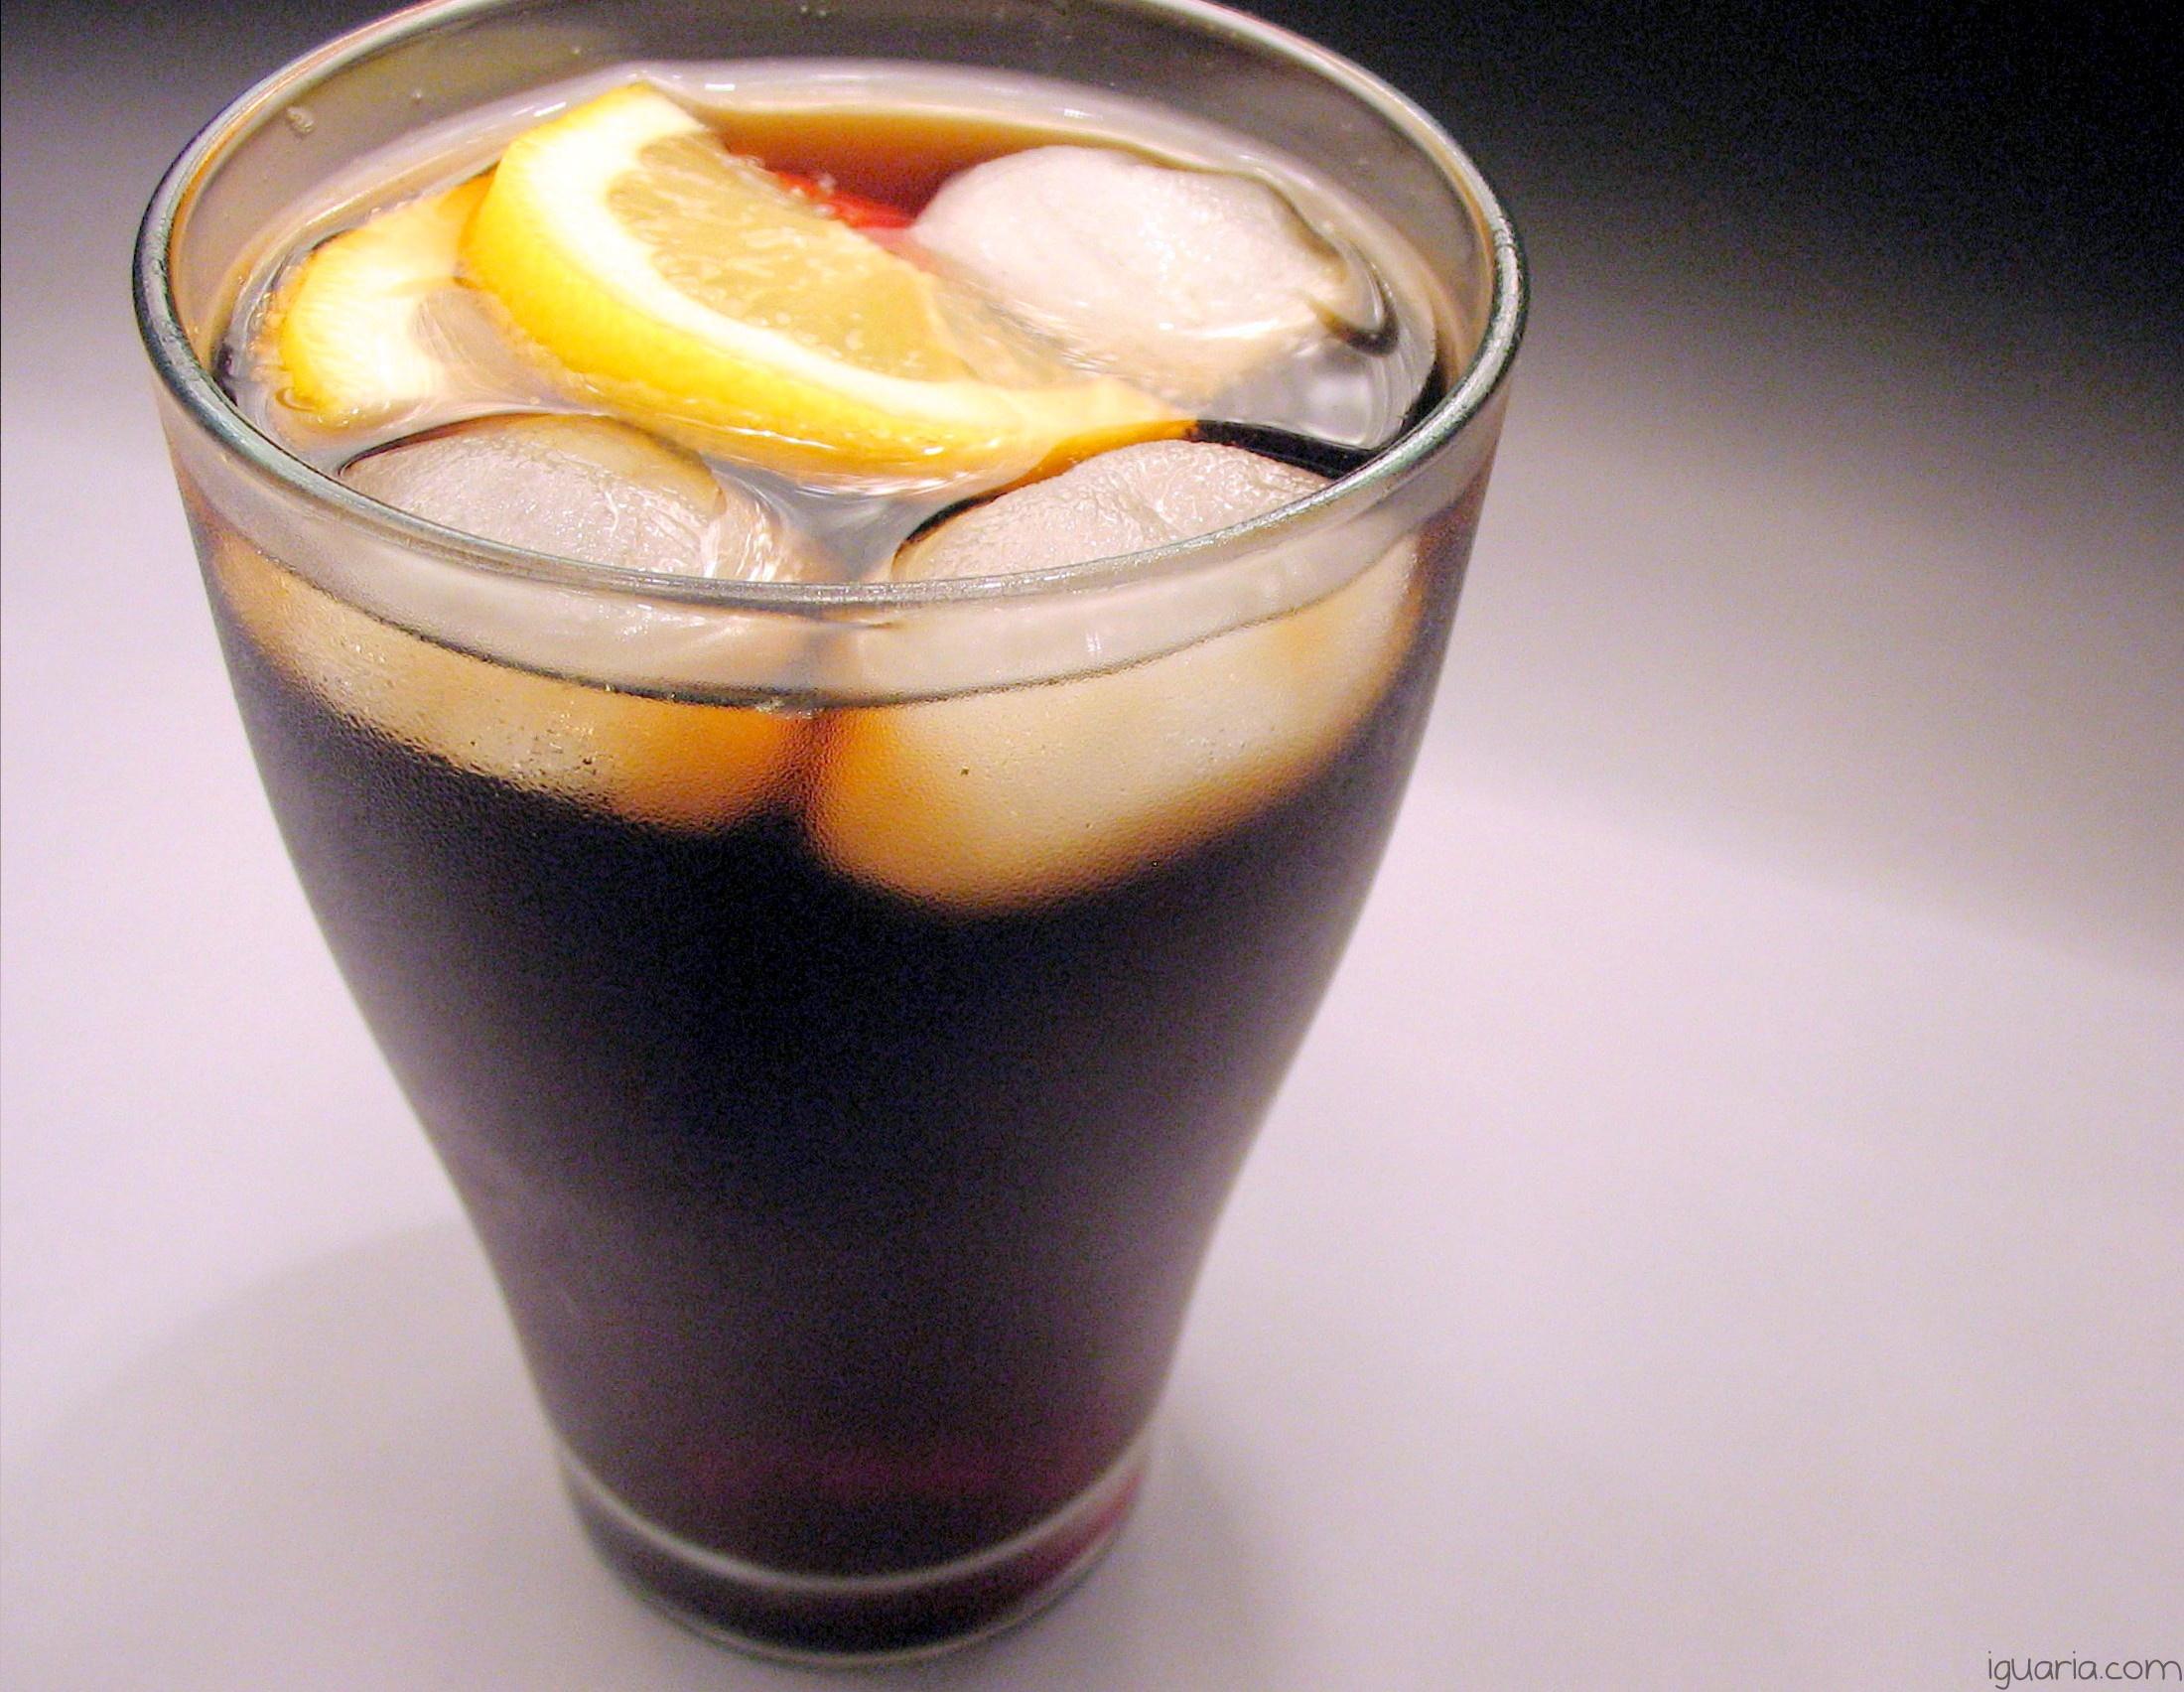 Iguaria_Refrigerante-com-Gelo